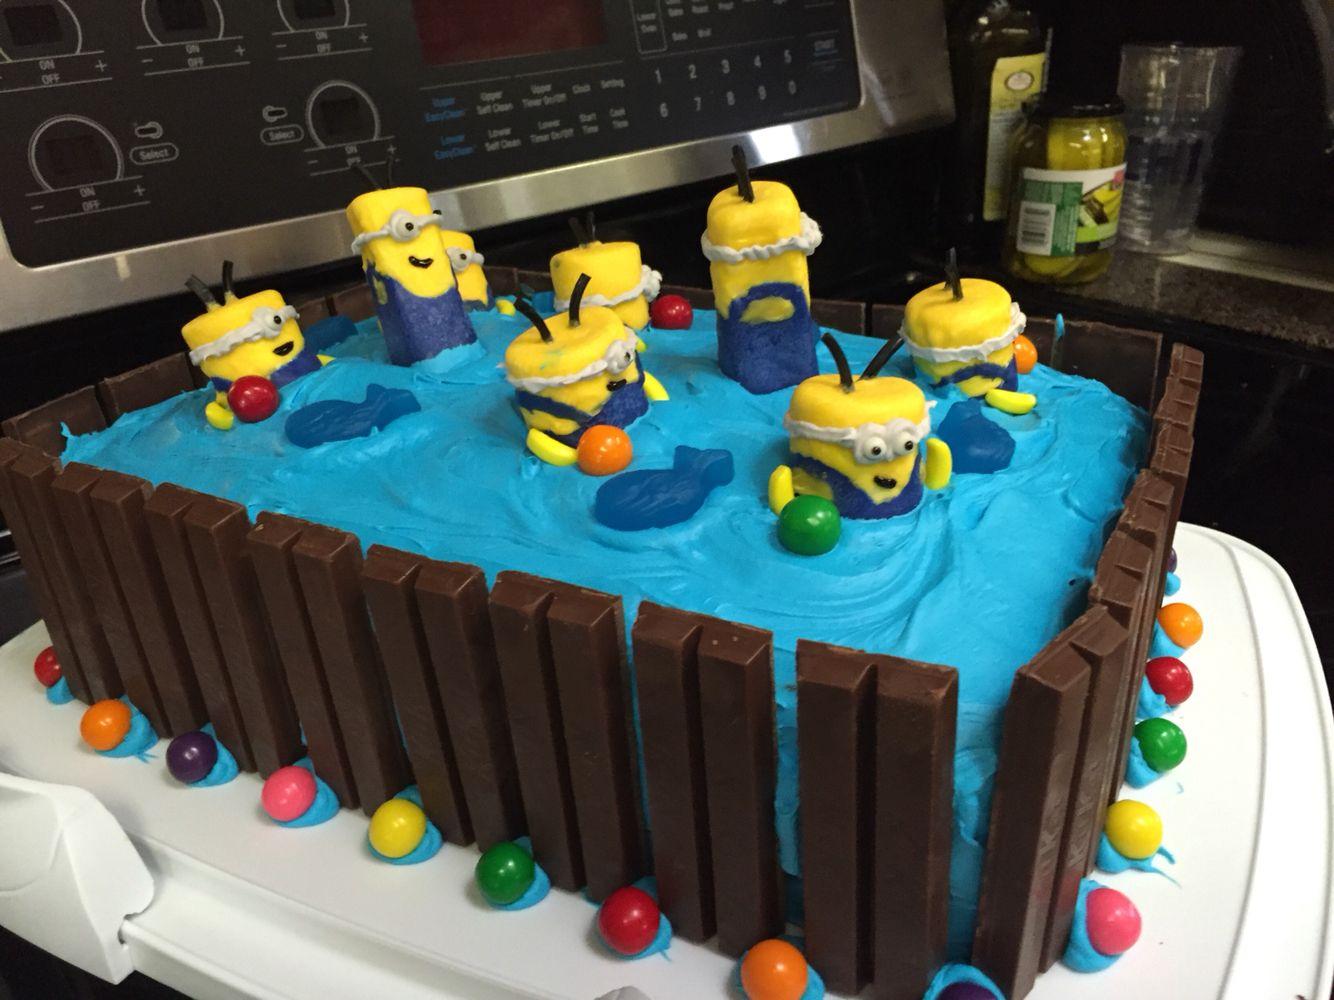 Our Minions in a hot tub birthday cake httpswwwbirthdaysdurban